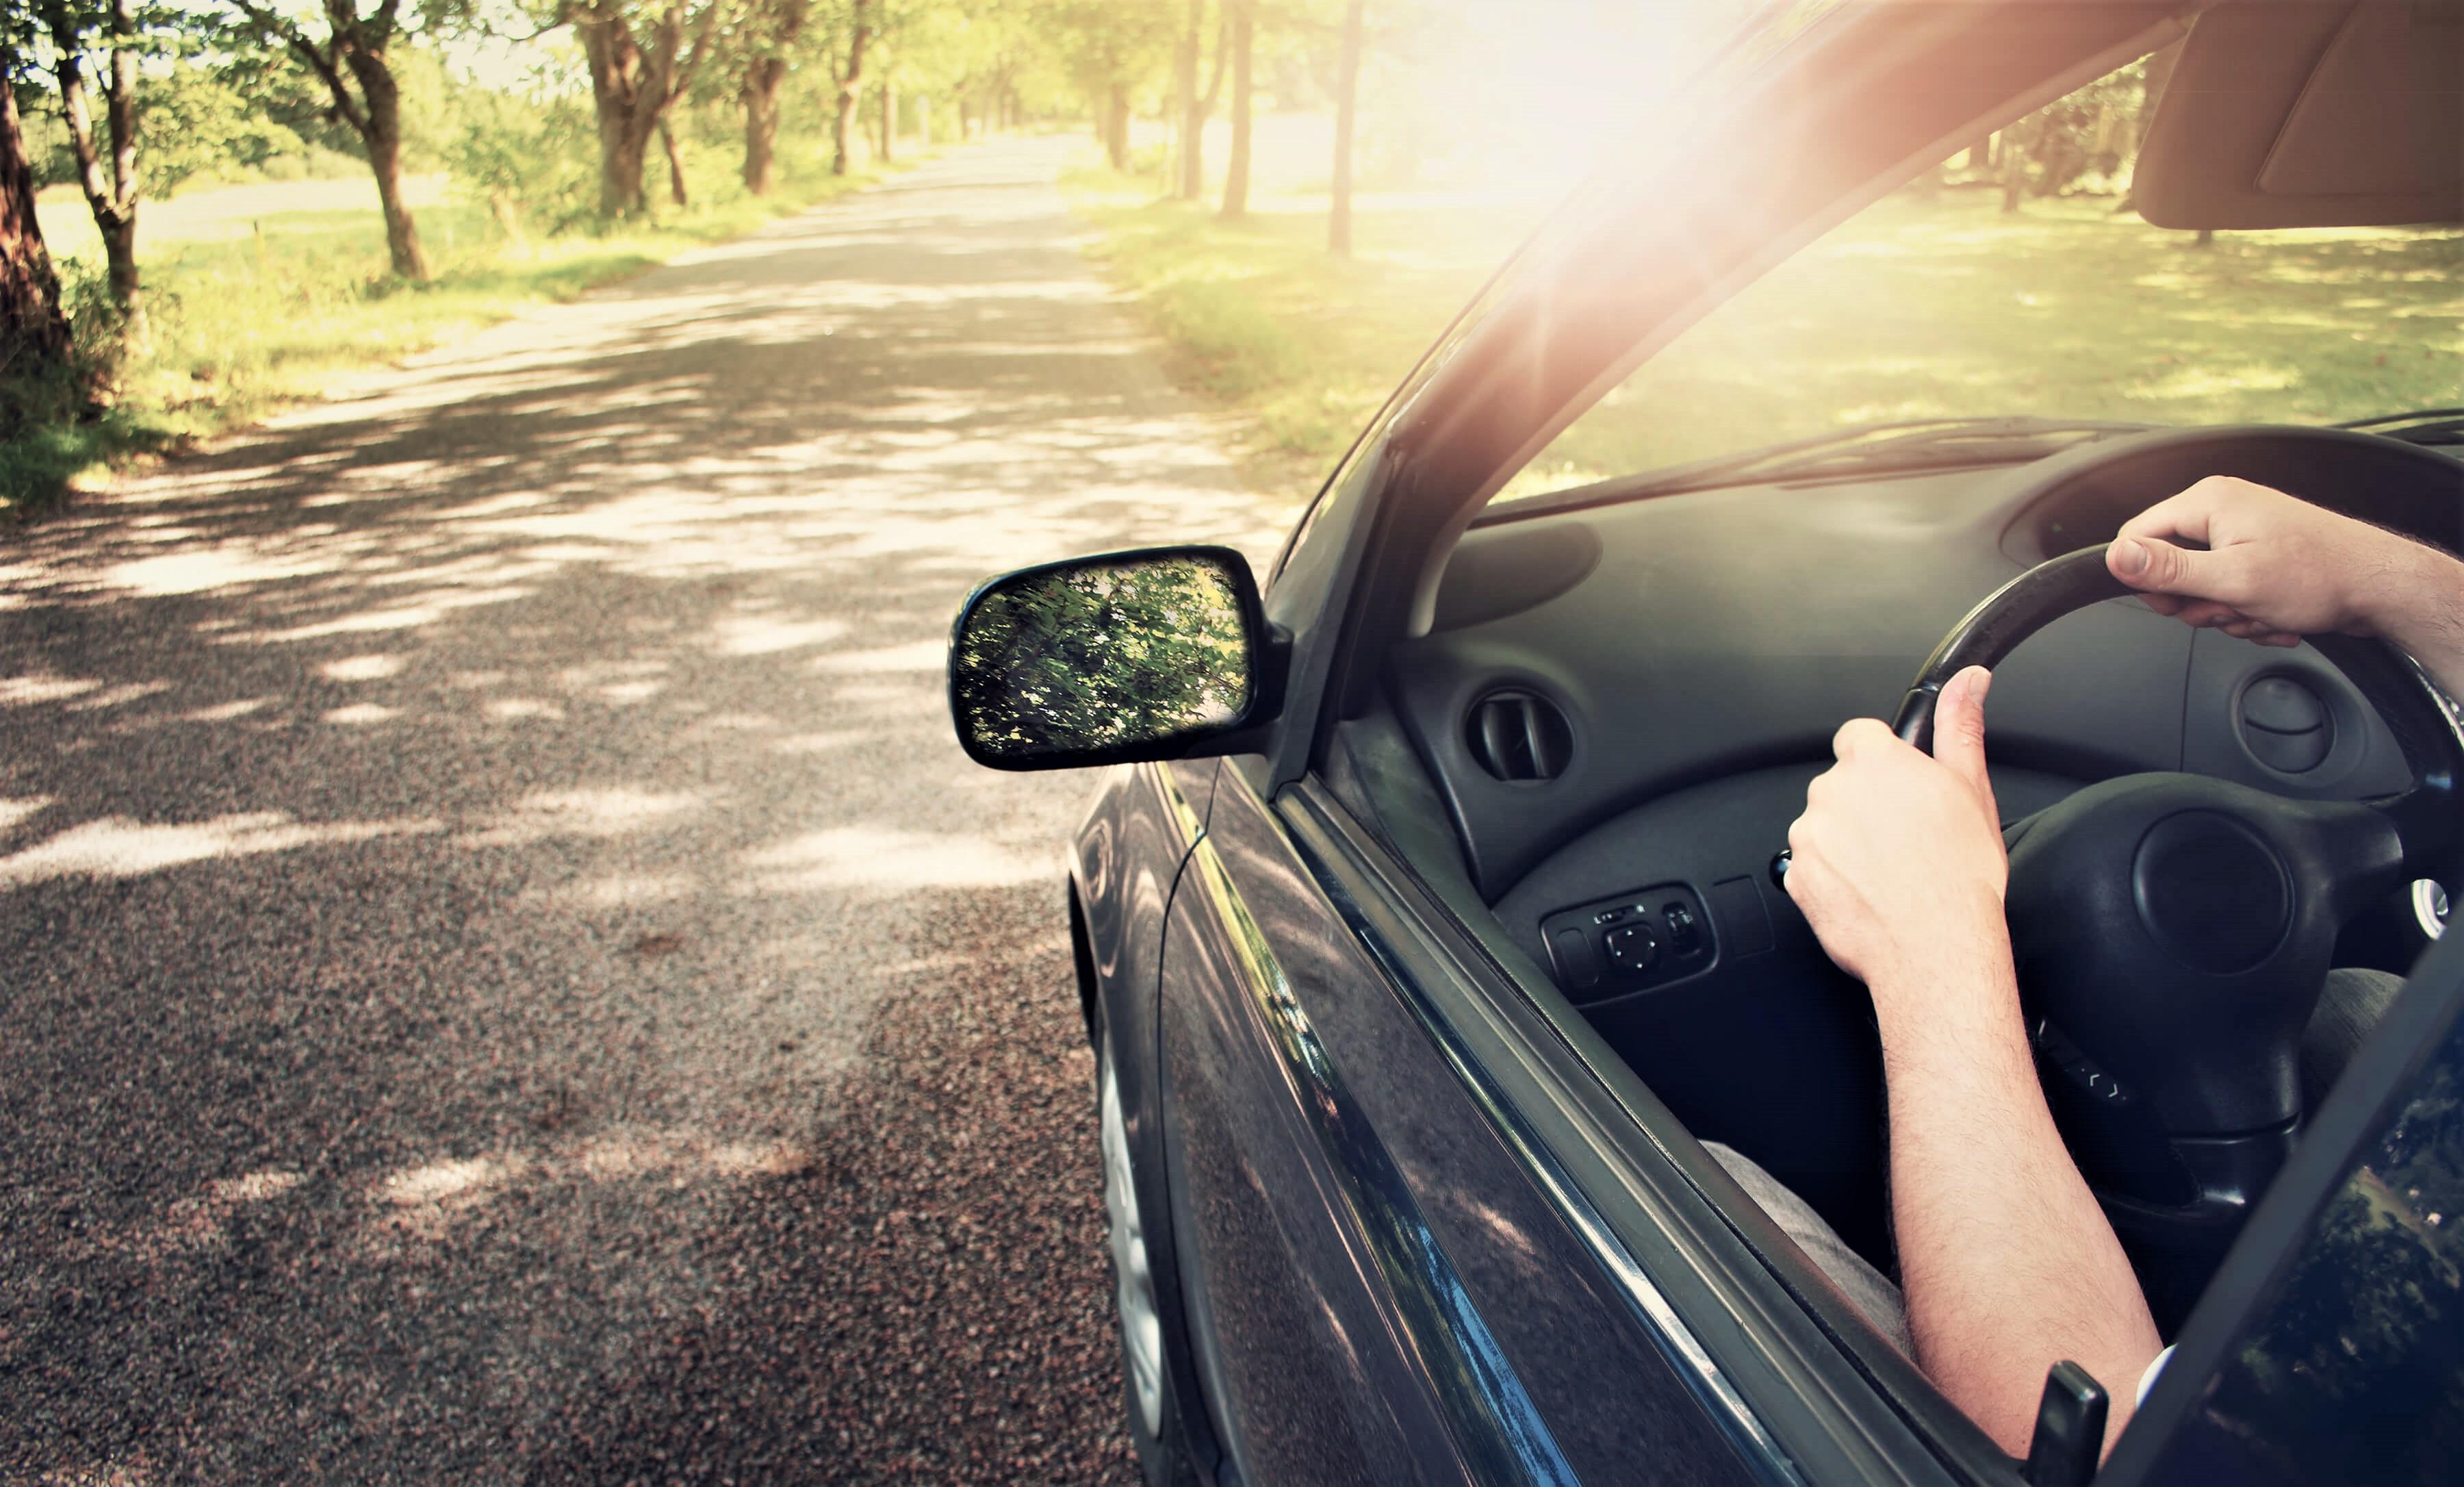 Il tuo stile di guida ora ha un indicatore: driveScore